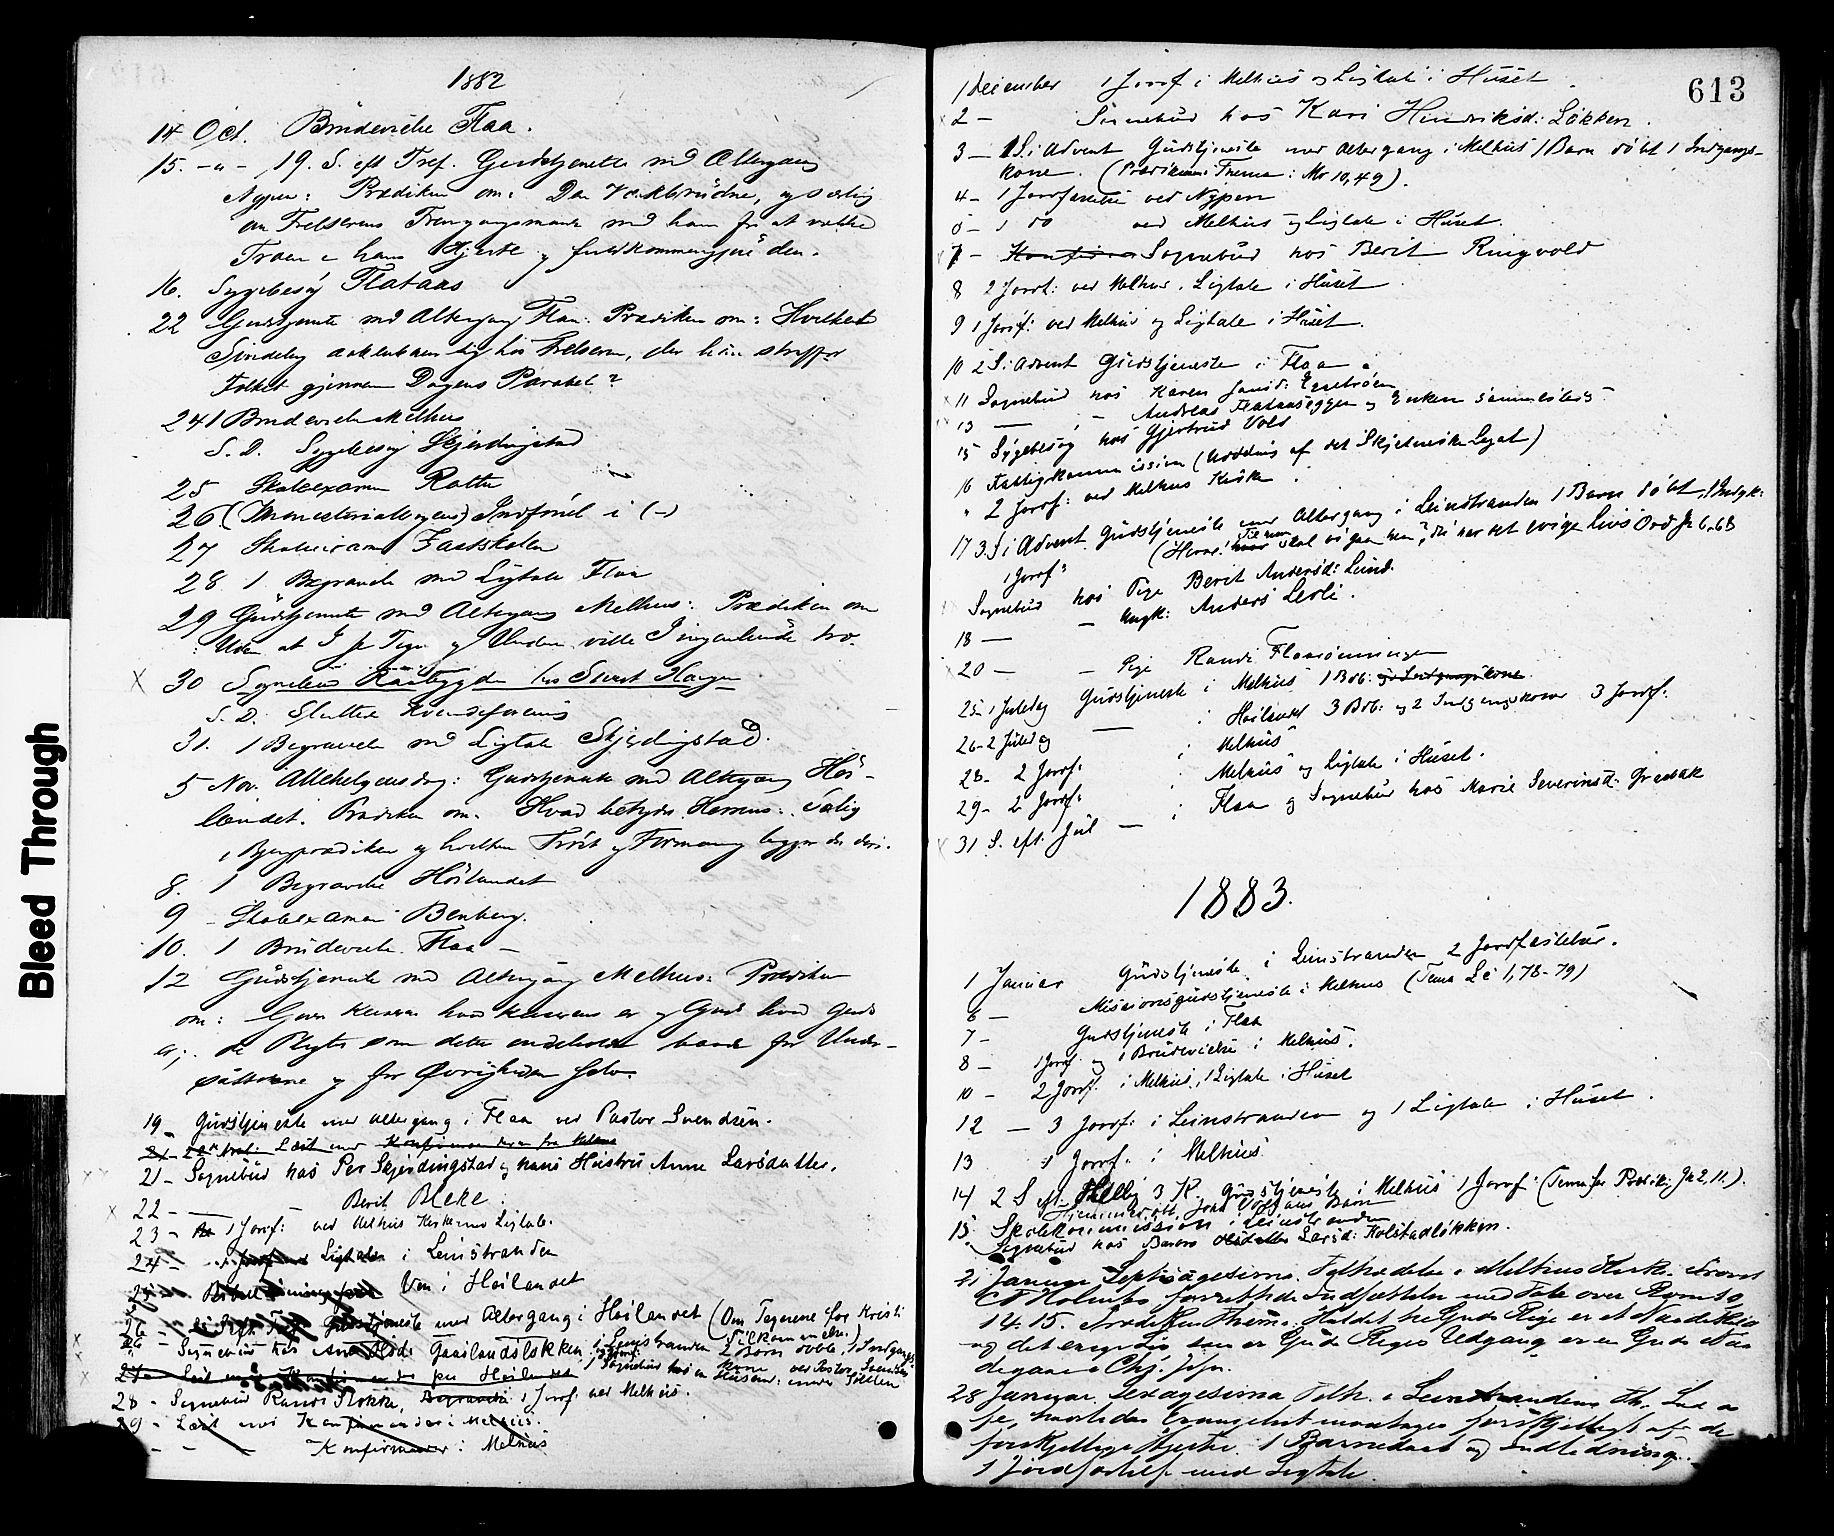 SAT, Ministerialprotokoller, klokkerbøker og fødselsregistre - Sør-Trøndelag, 691/L1079: Ministerialbok nr. 691A11, 1873-1886, s. 613